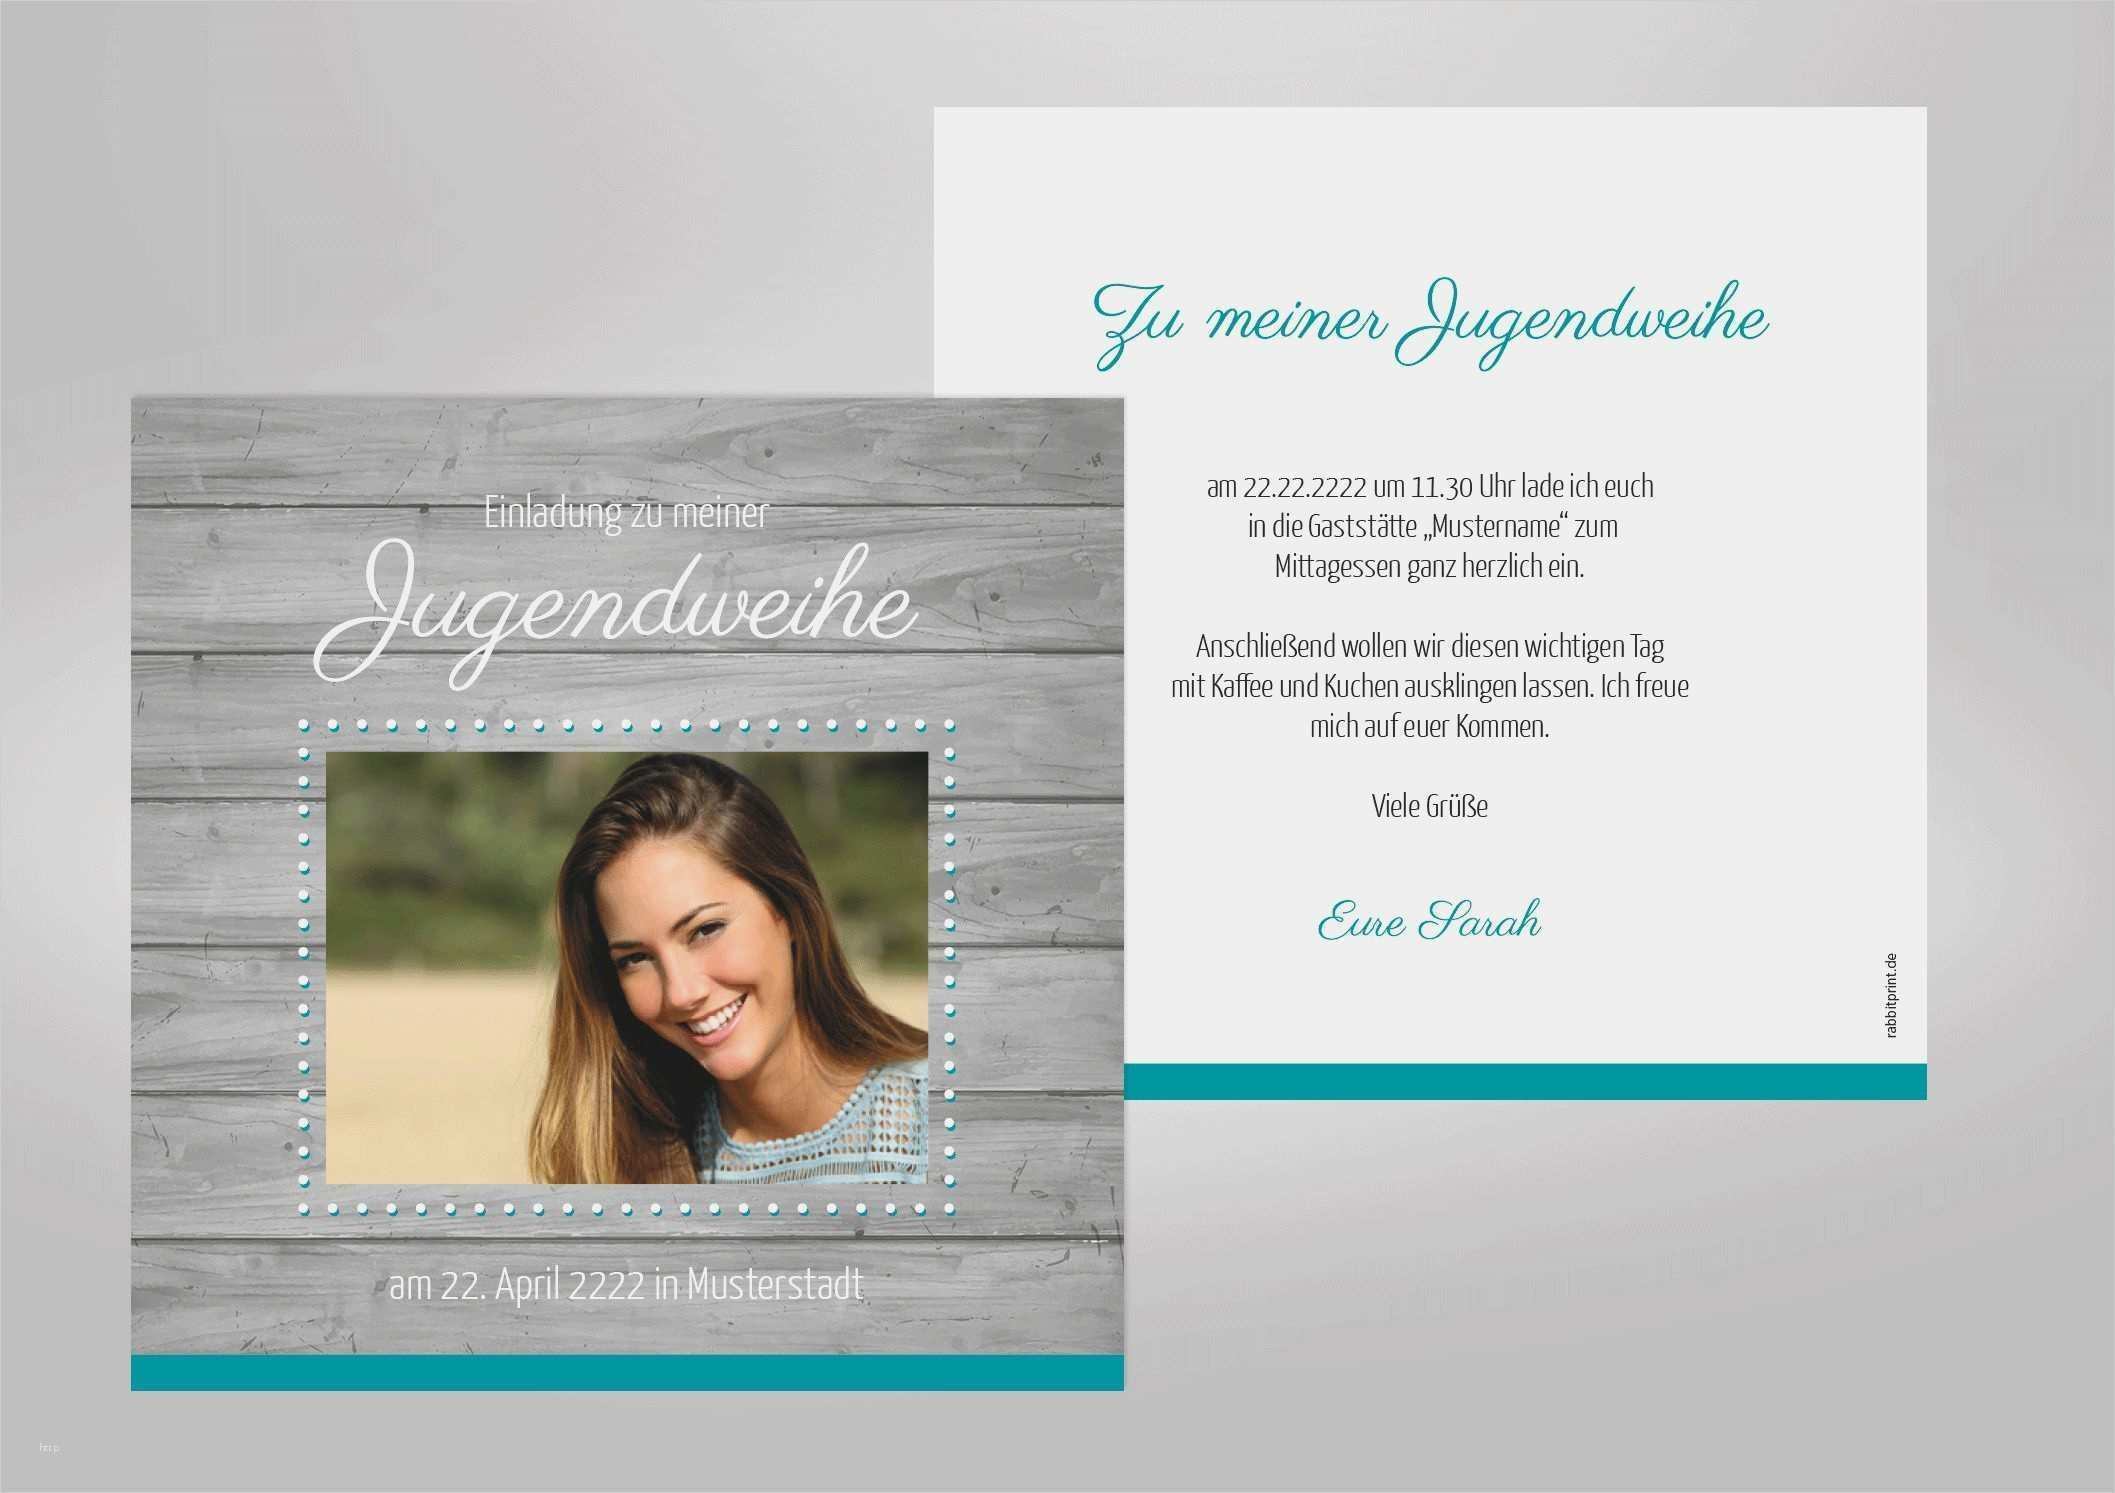 Beste Einladungskarten Jugendweihe Vorlagen Bilder Jugendweihe Einladungskarten Einladung Gestalten Einladungskarten Online